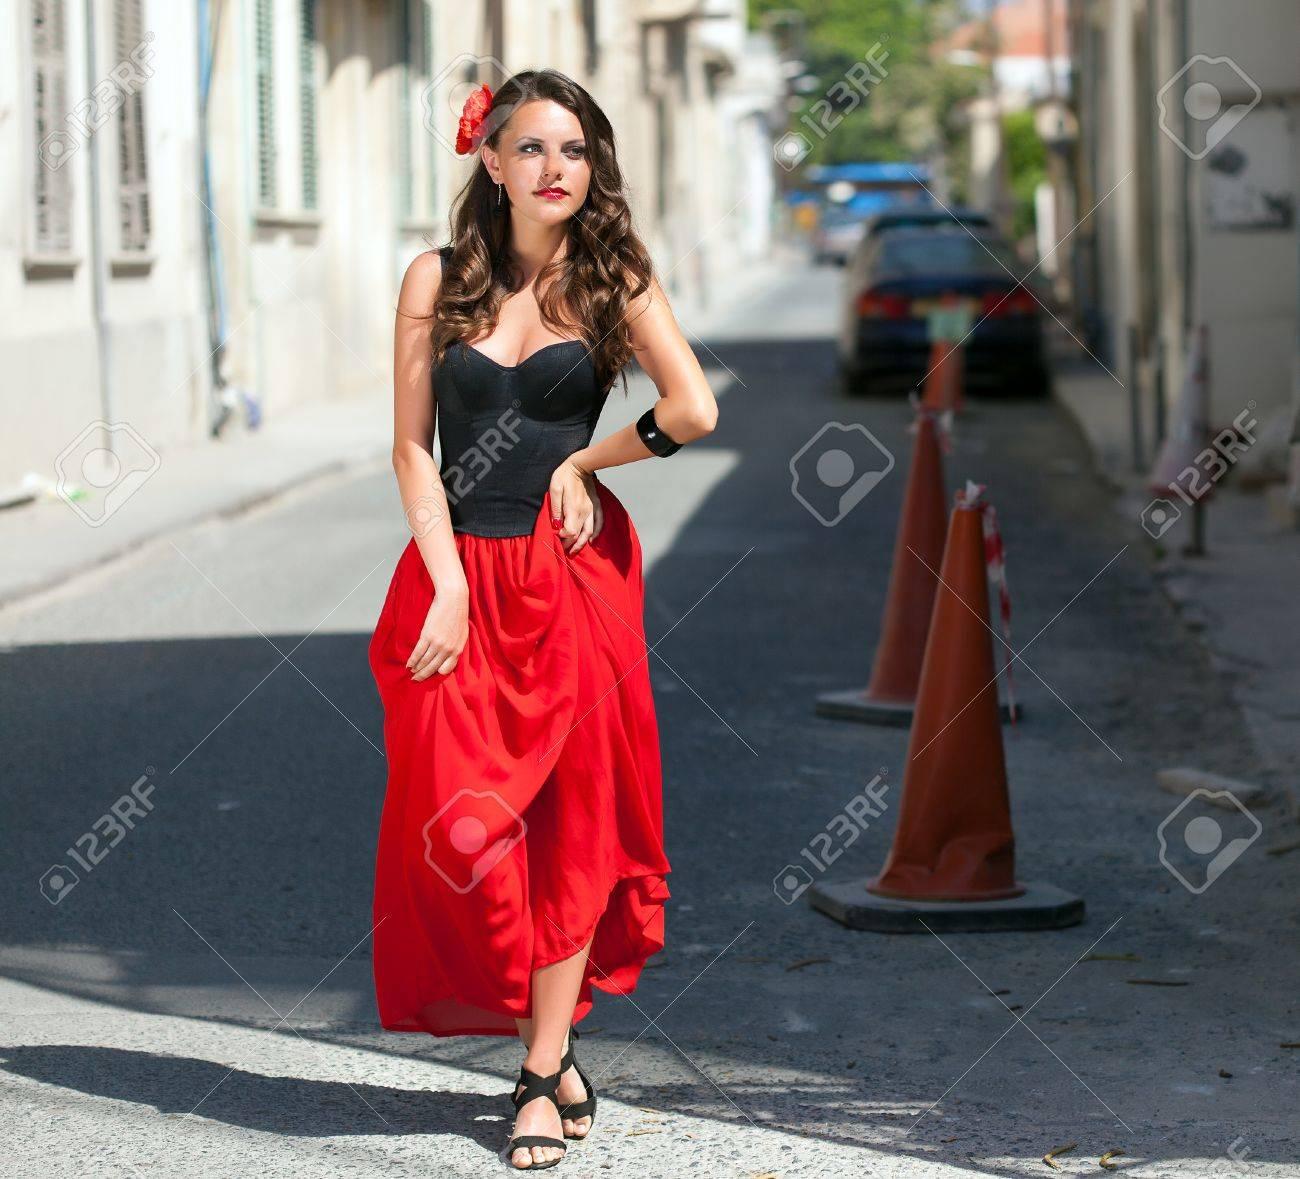 È Abito Posa Immagini Donna Stock Nero Eidhye2w9 Sorridente In Spagnola 0vNOym8nw